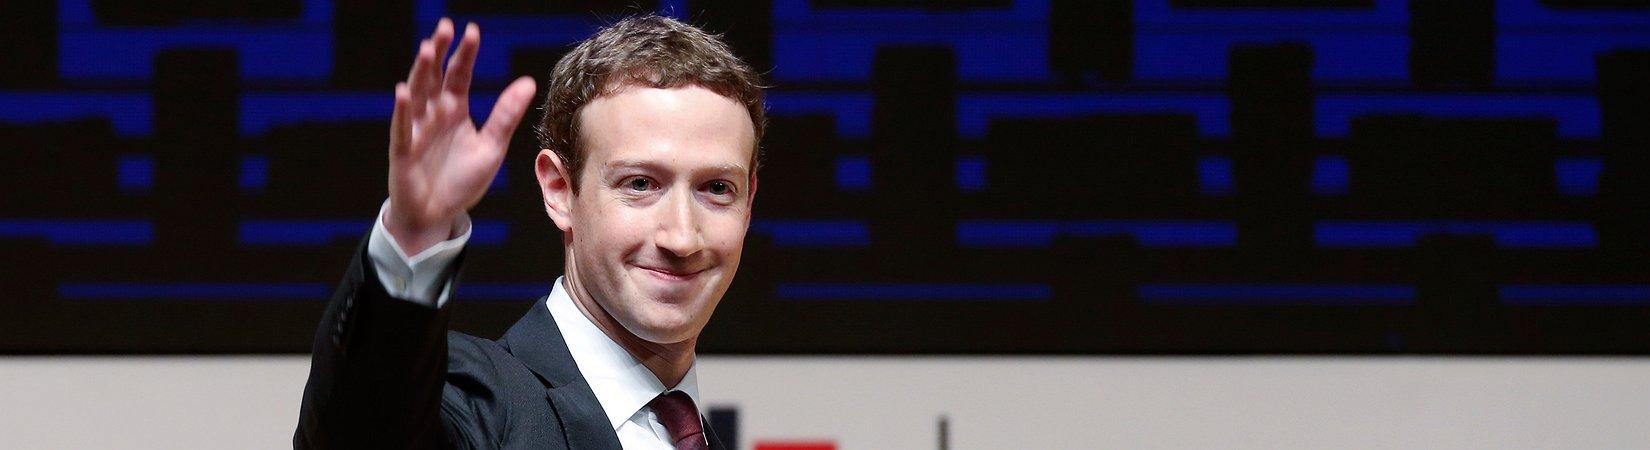 Los 8 multimillonarios más ricos del mundo